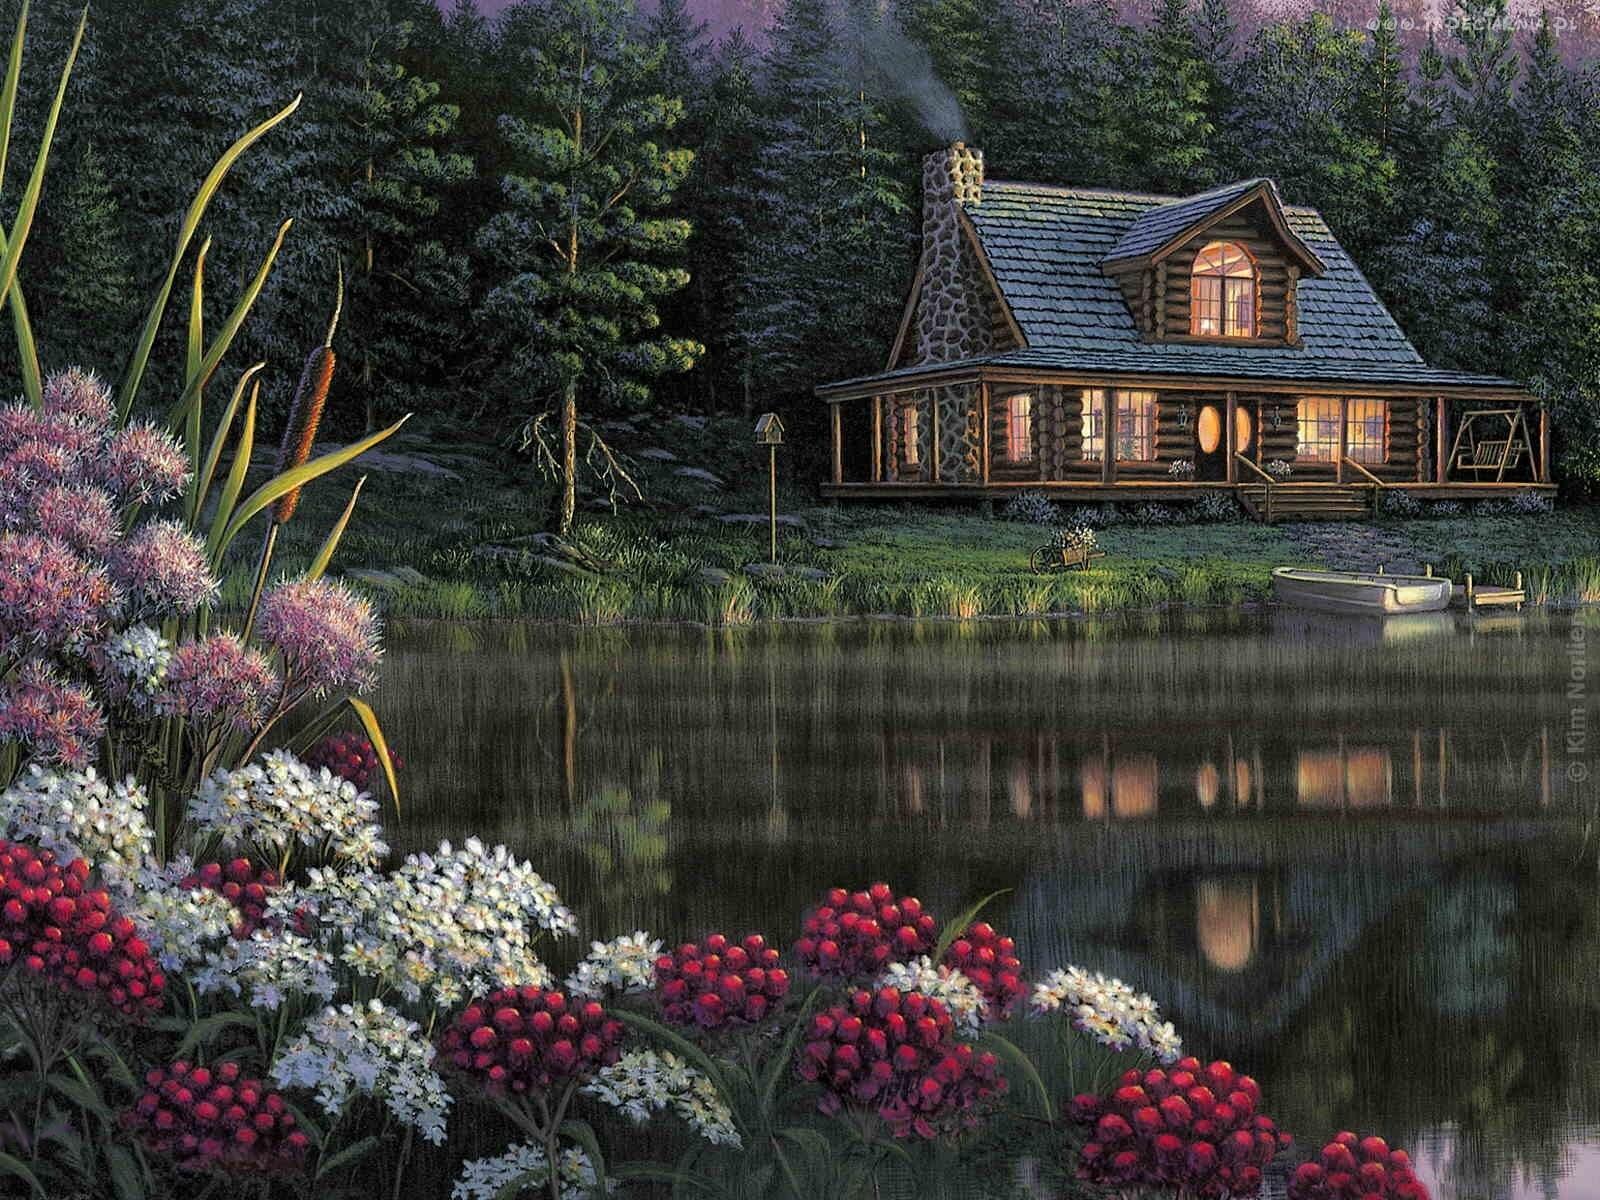 Dom Nad Jeziorem Kwiaty 1600x1200